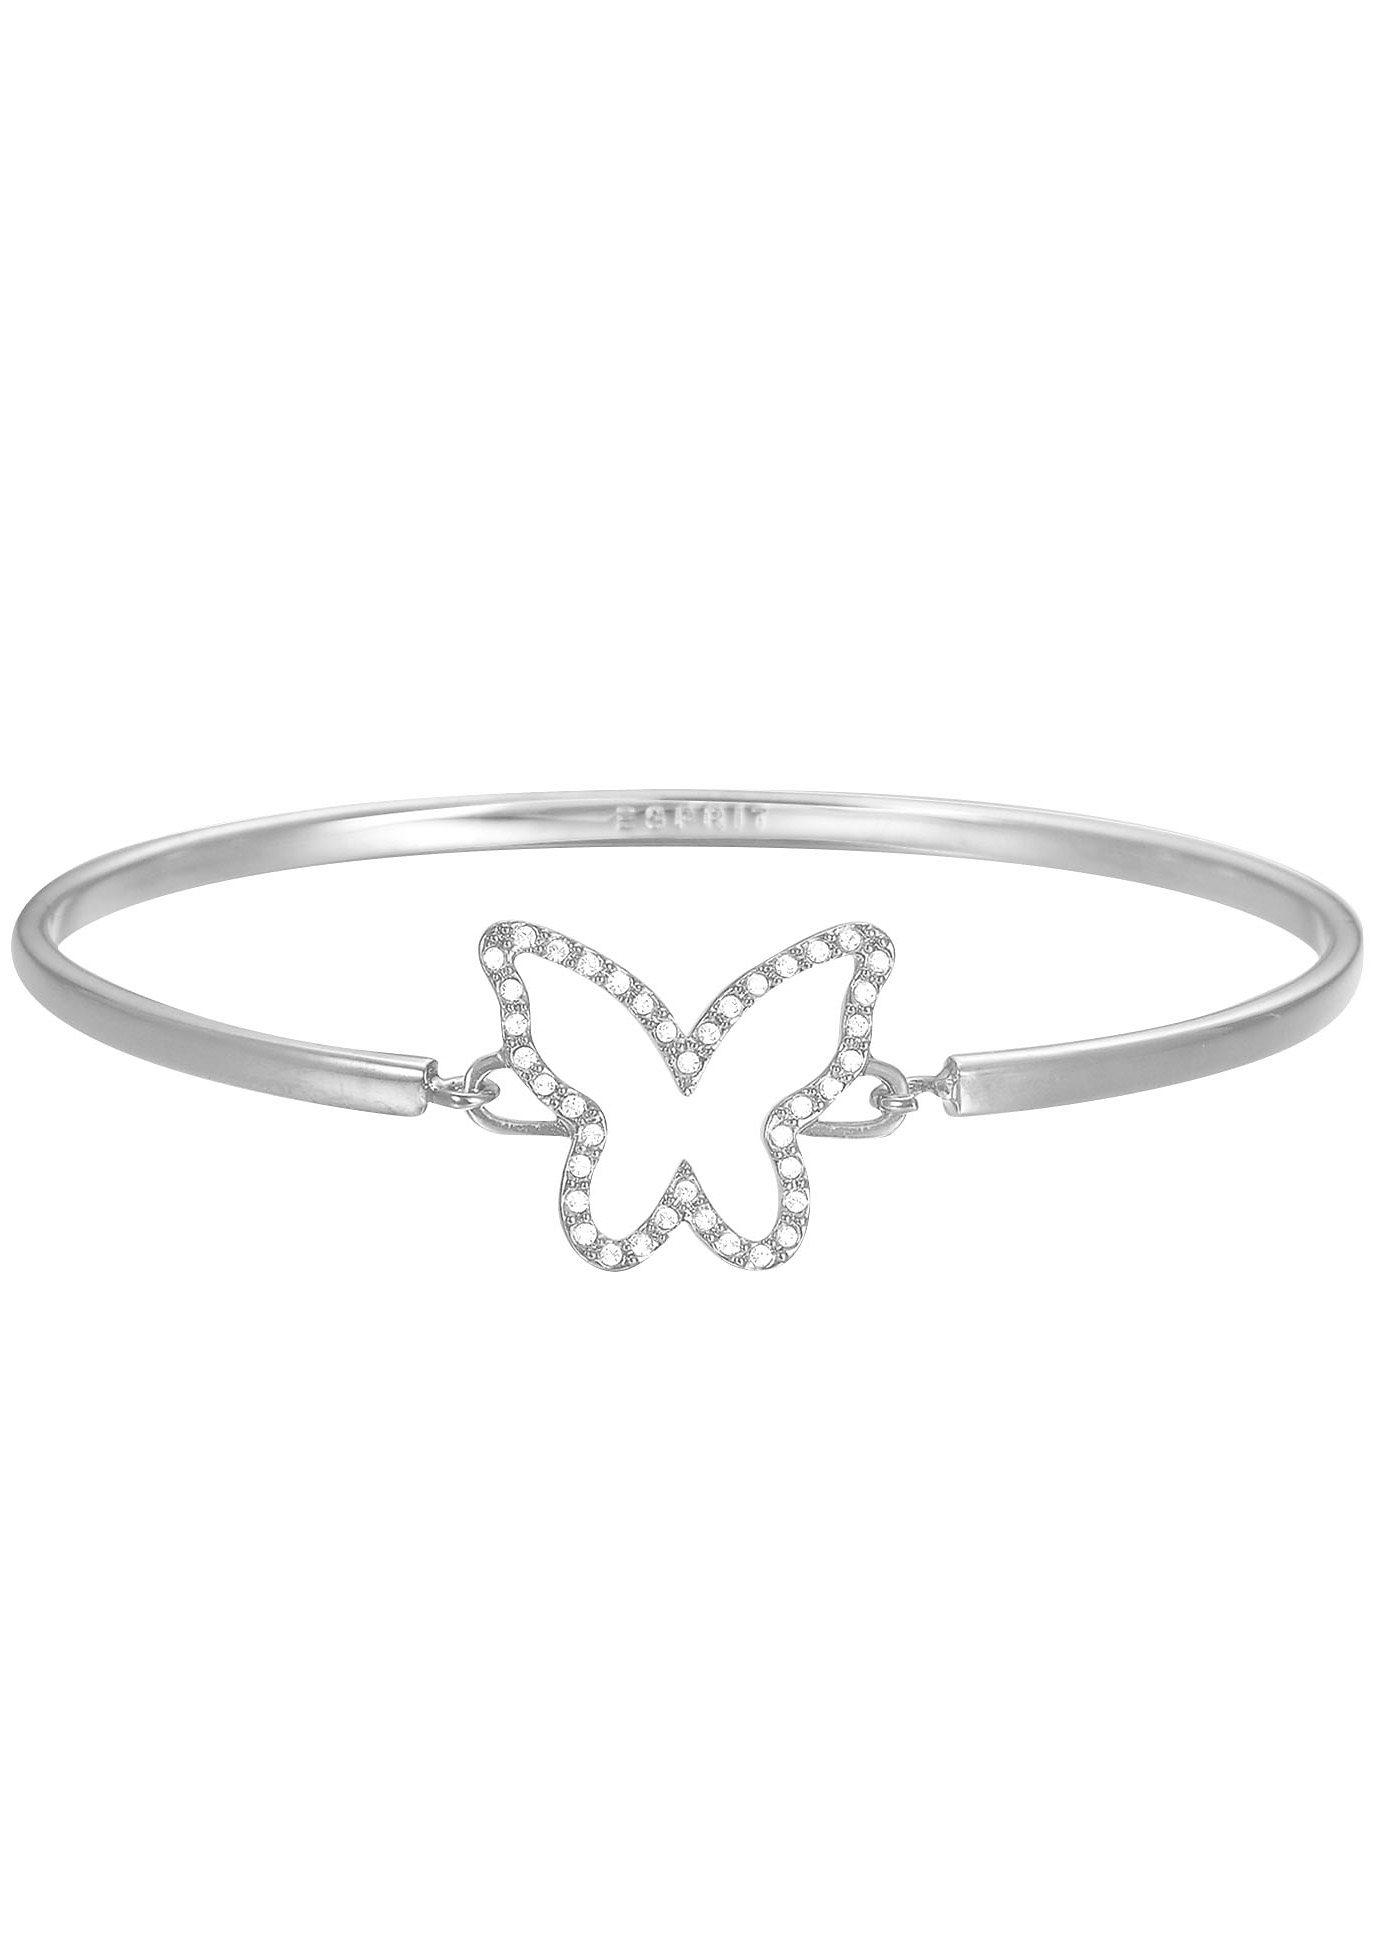 Esprit Armreif mit Strasssteinen, »Schmetterling, ESPRIT-JW50219, ESBA01179A600«